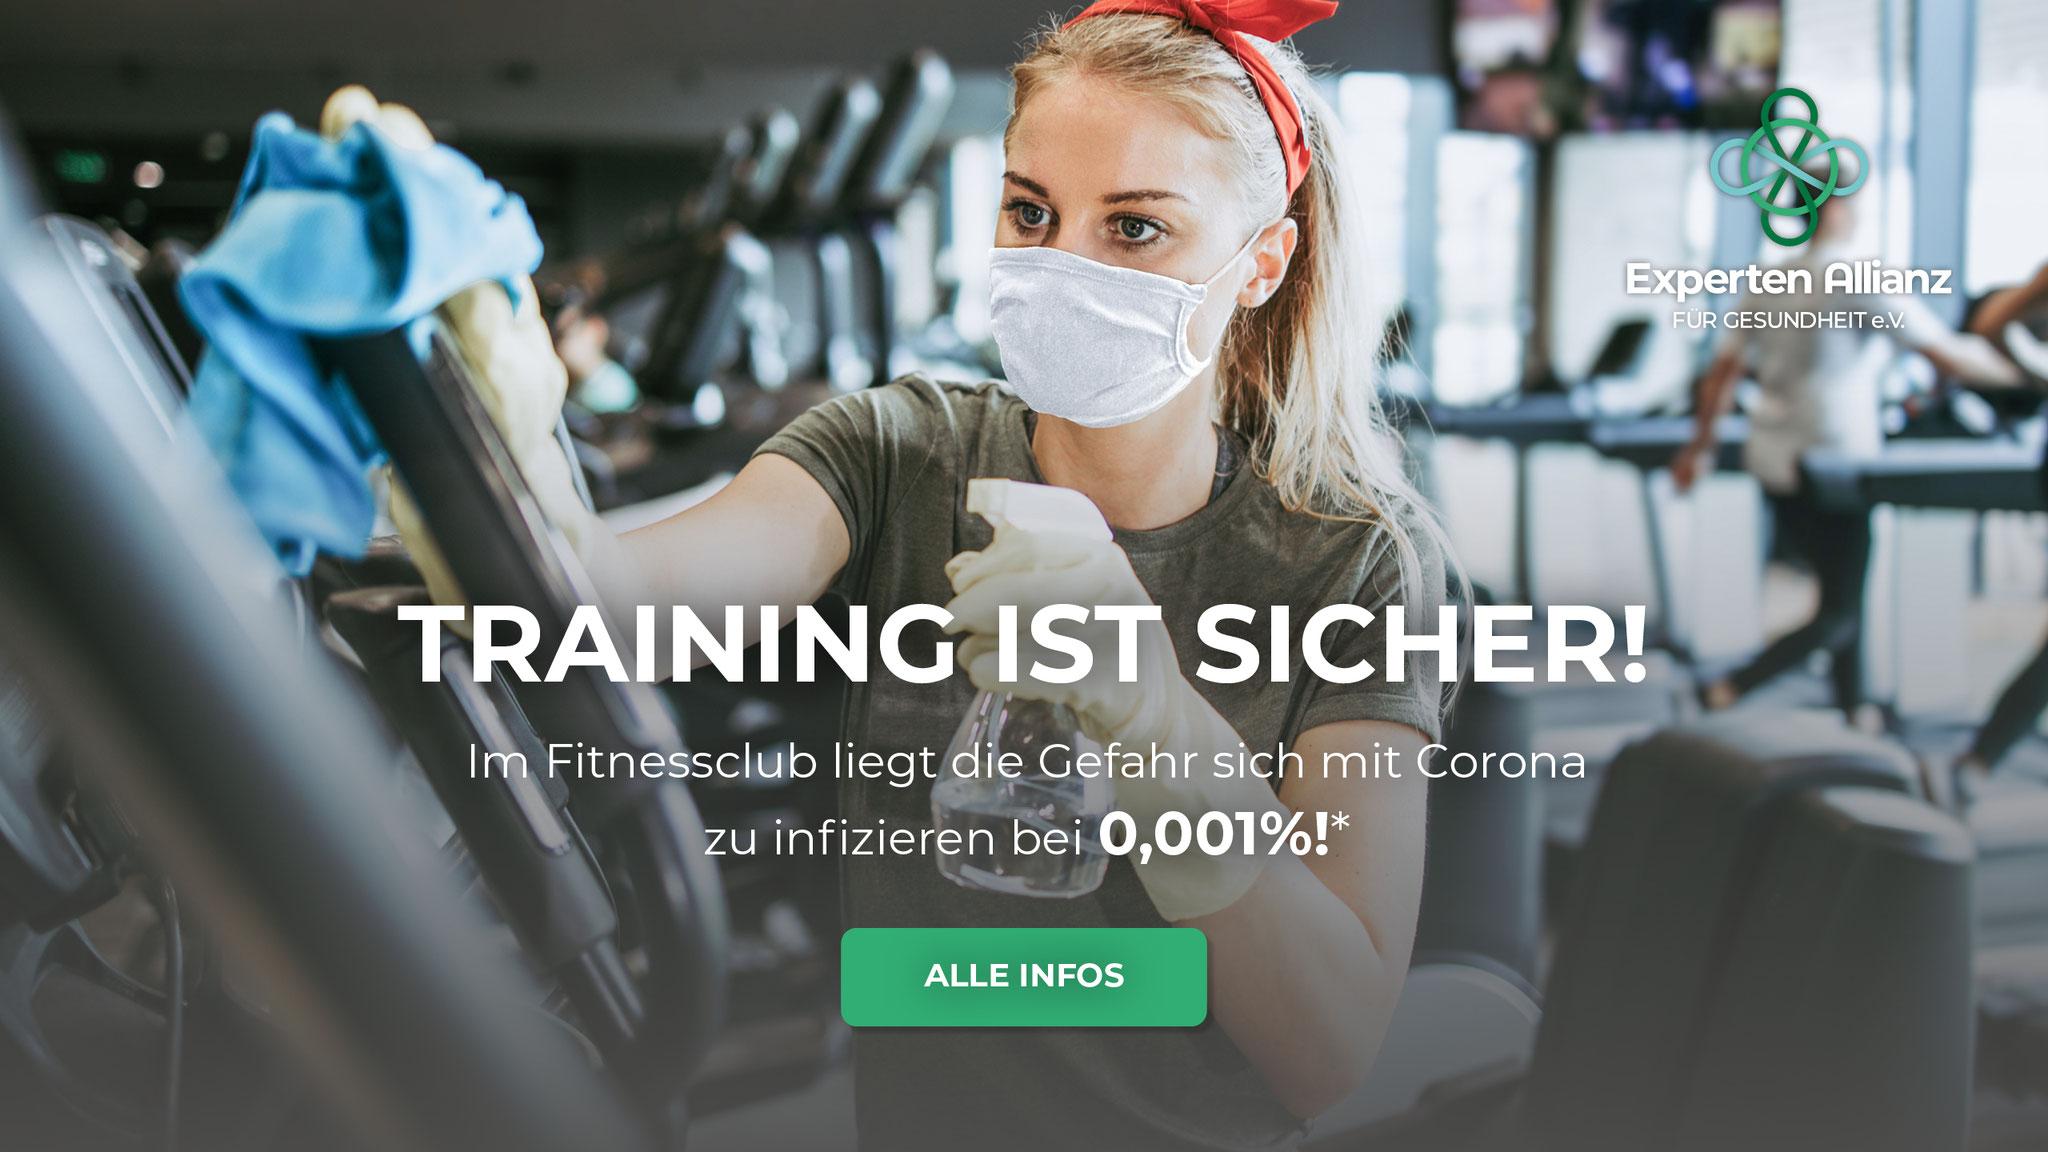 Training ist Sicher!